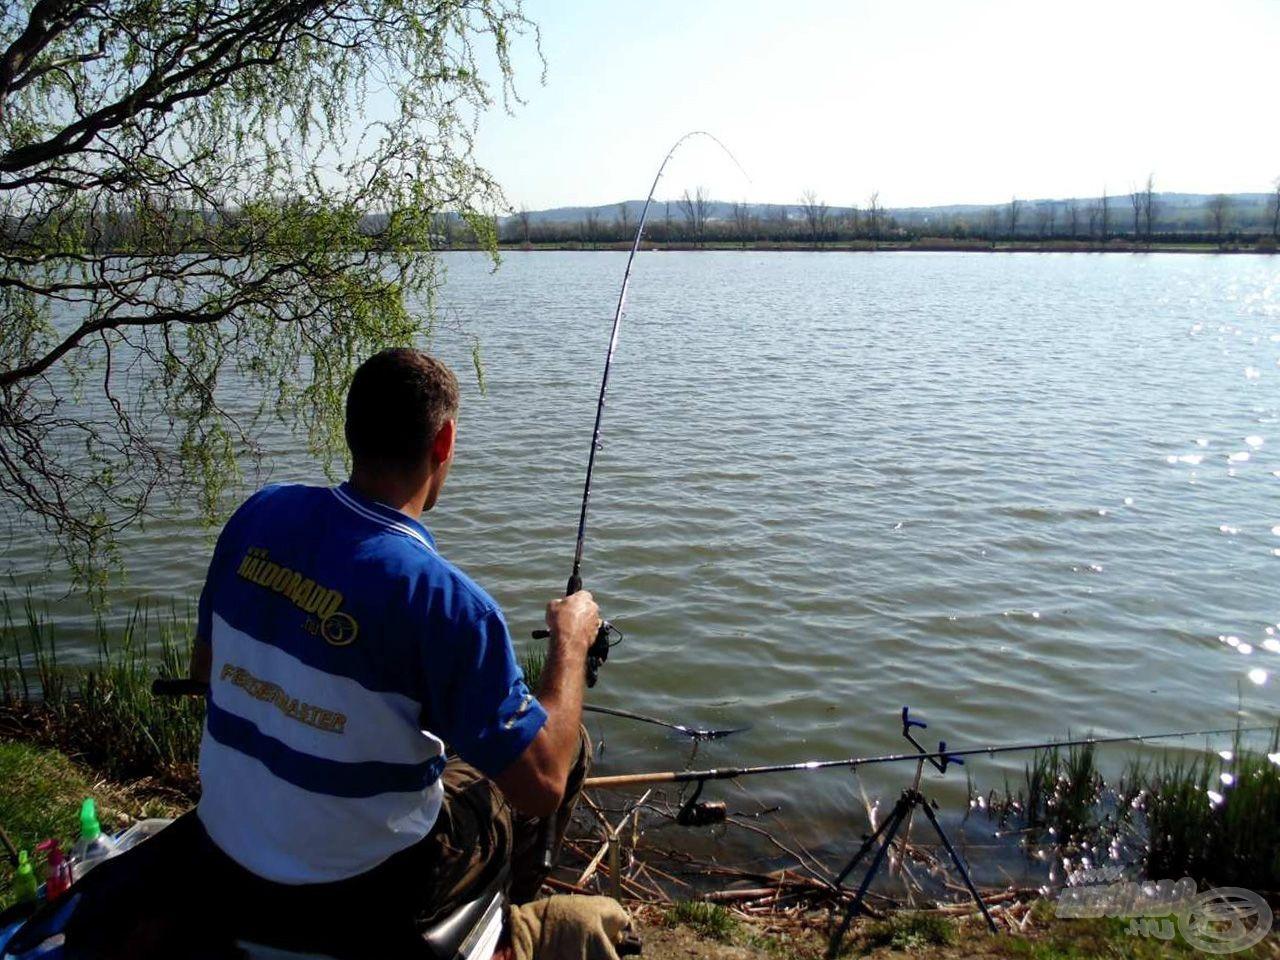 A folyamatos dobálás hatására a halak egyre koncentráltabban vannak jelen az etetésen…